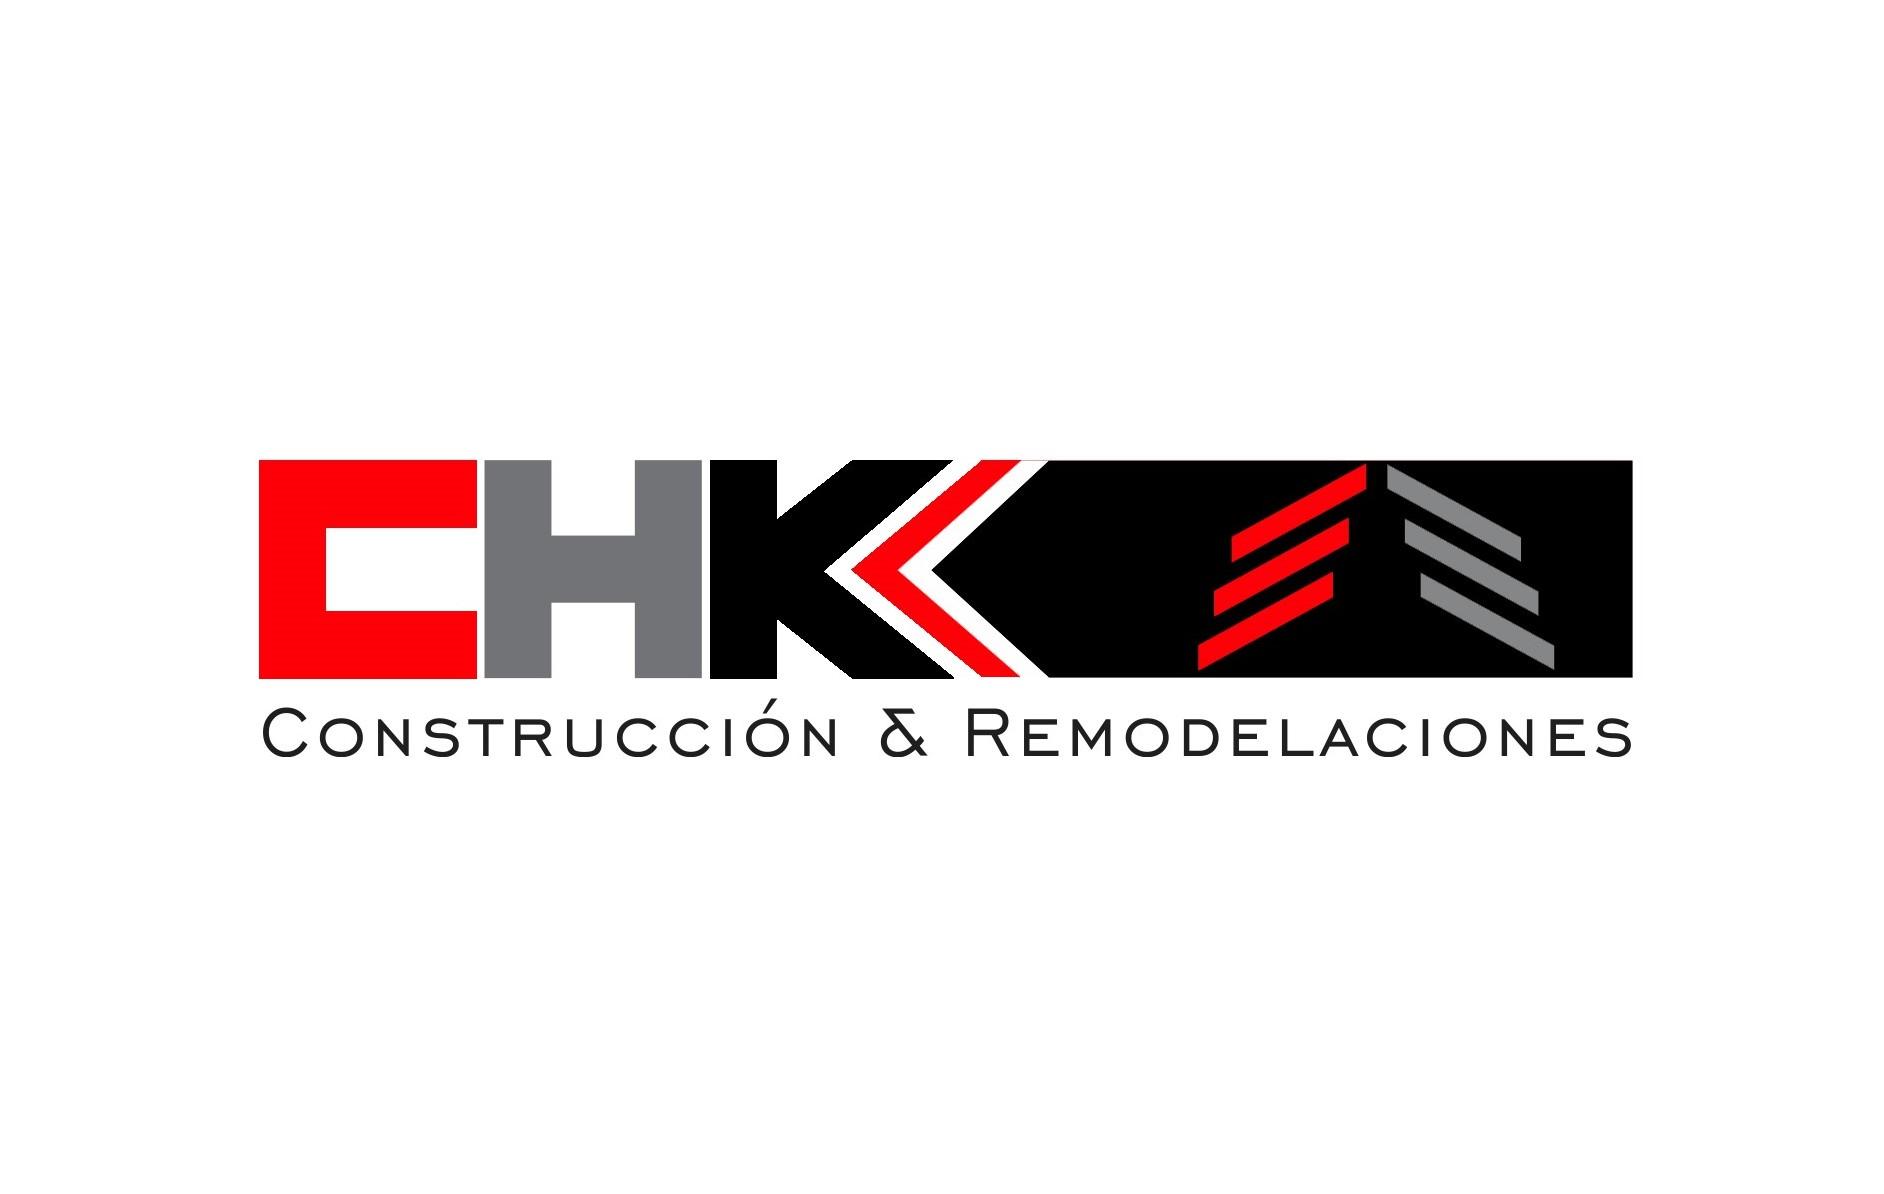 construcciones chk